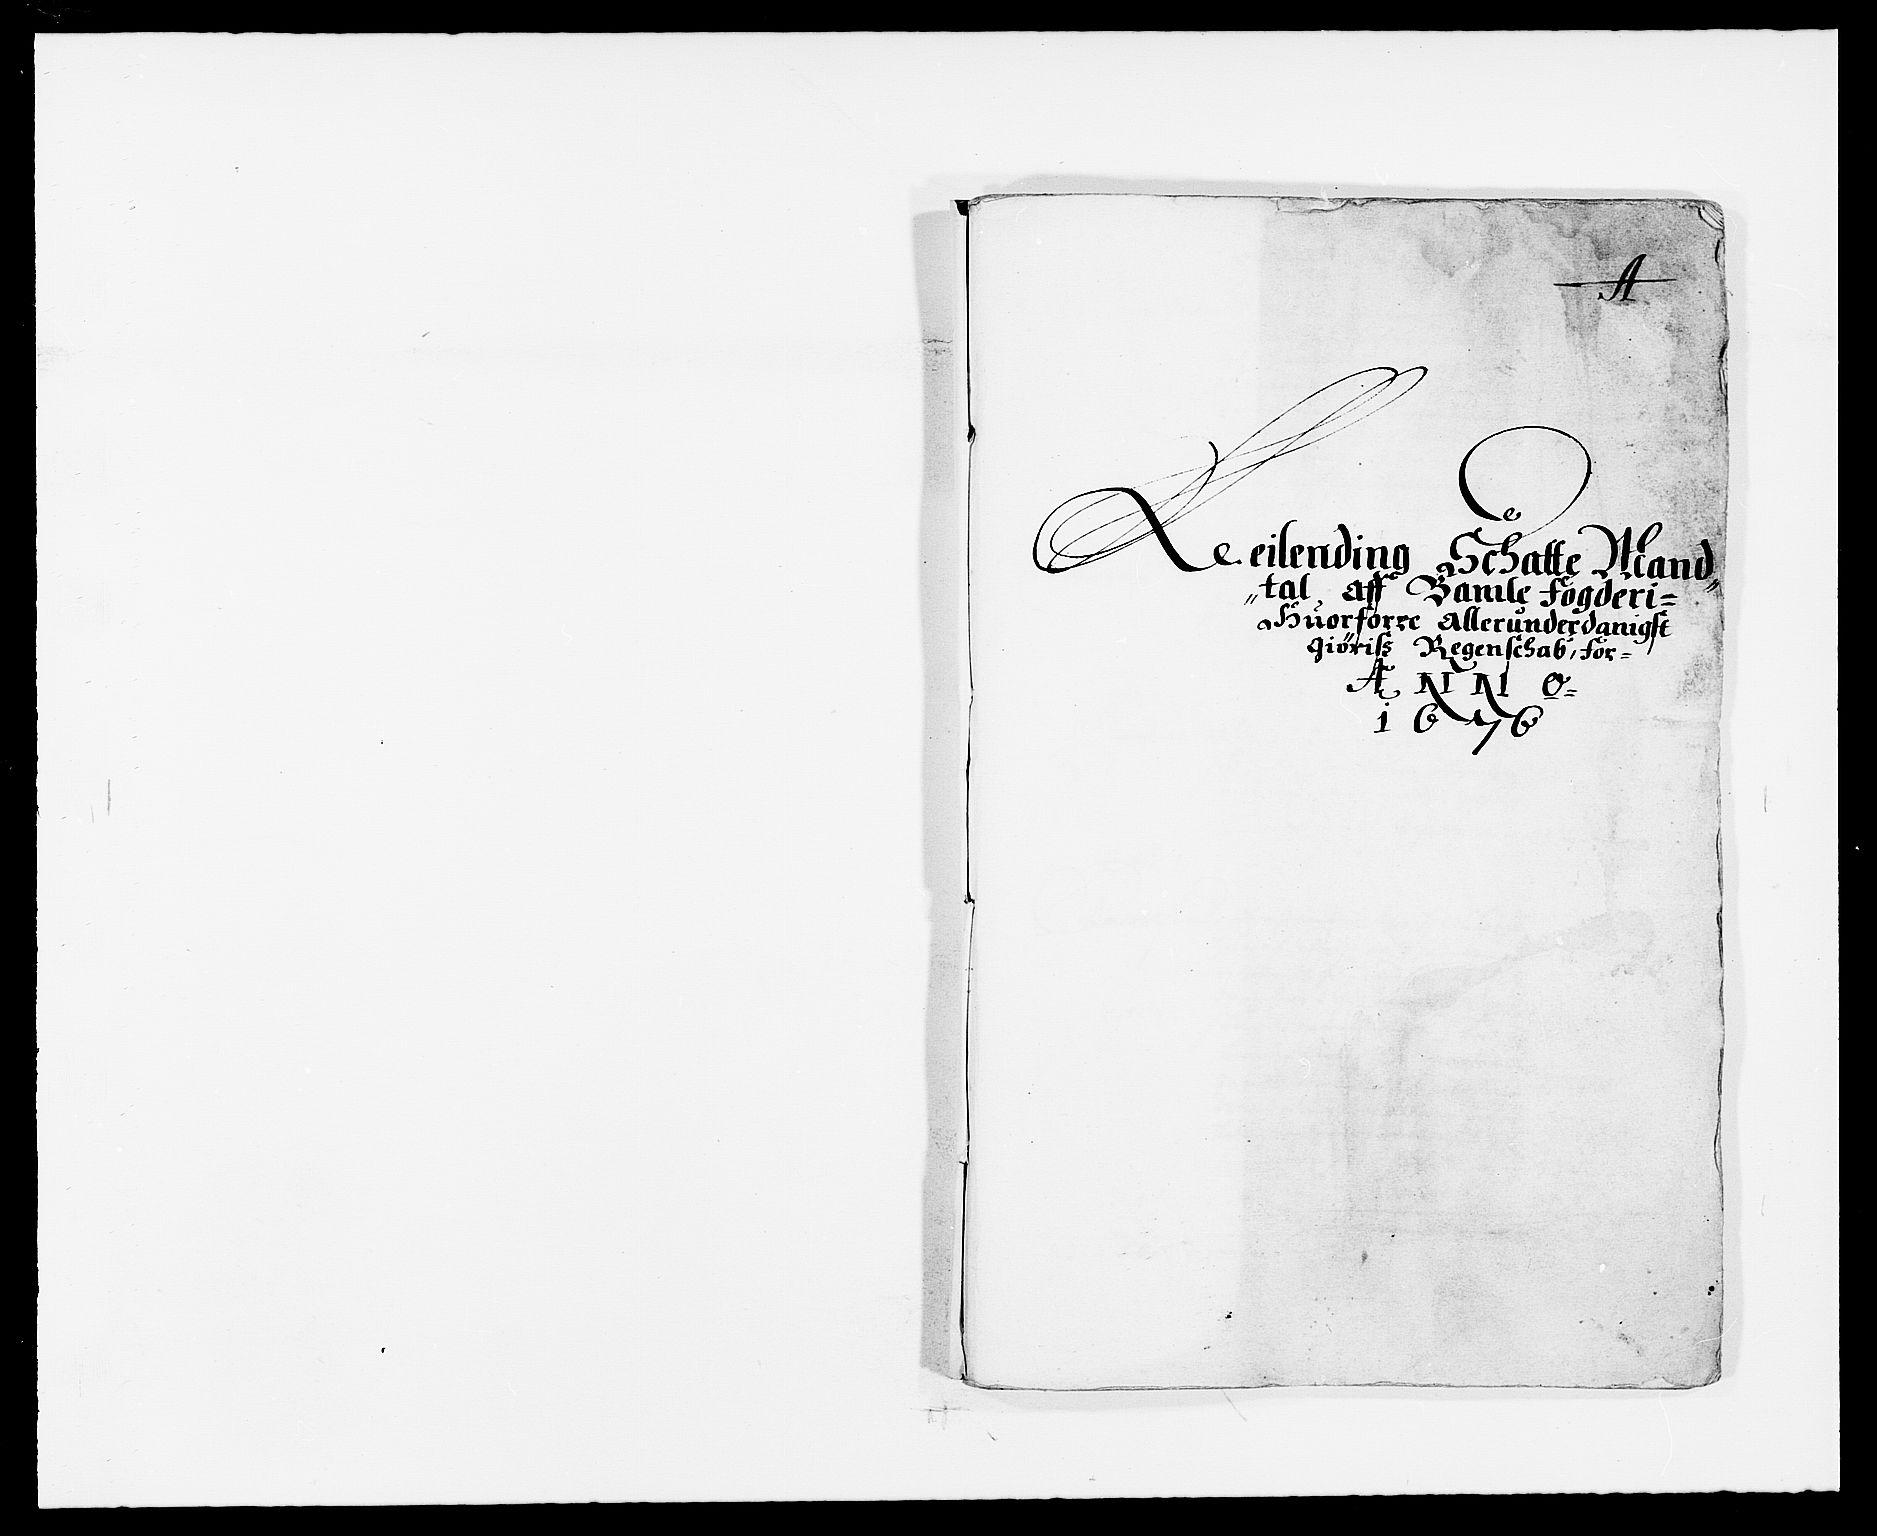 RA, Rentekammeret inntil 1814, Reviderte regnskaper, Fogderegnskap, R34/L2043: Fogderegnskap Bamble, 1676-1677, s. 5